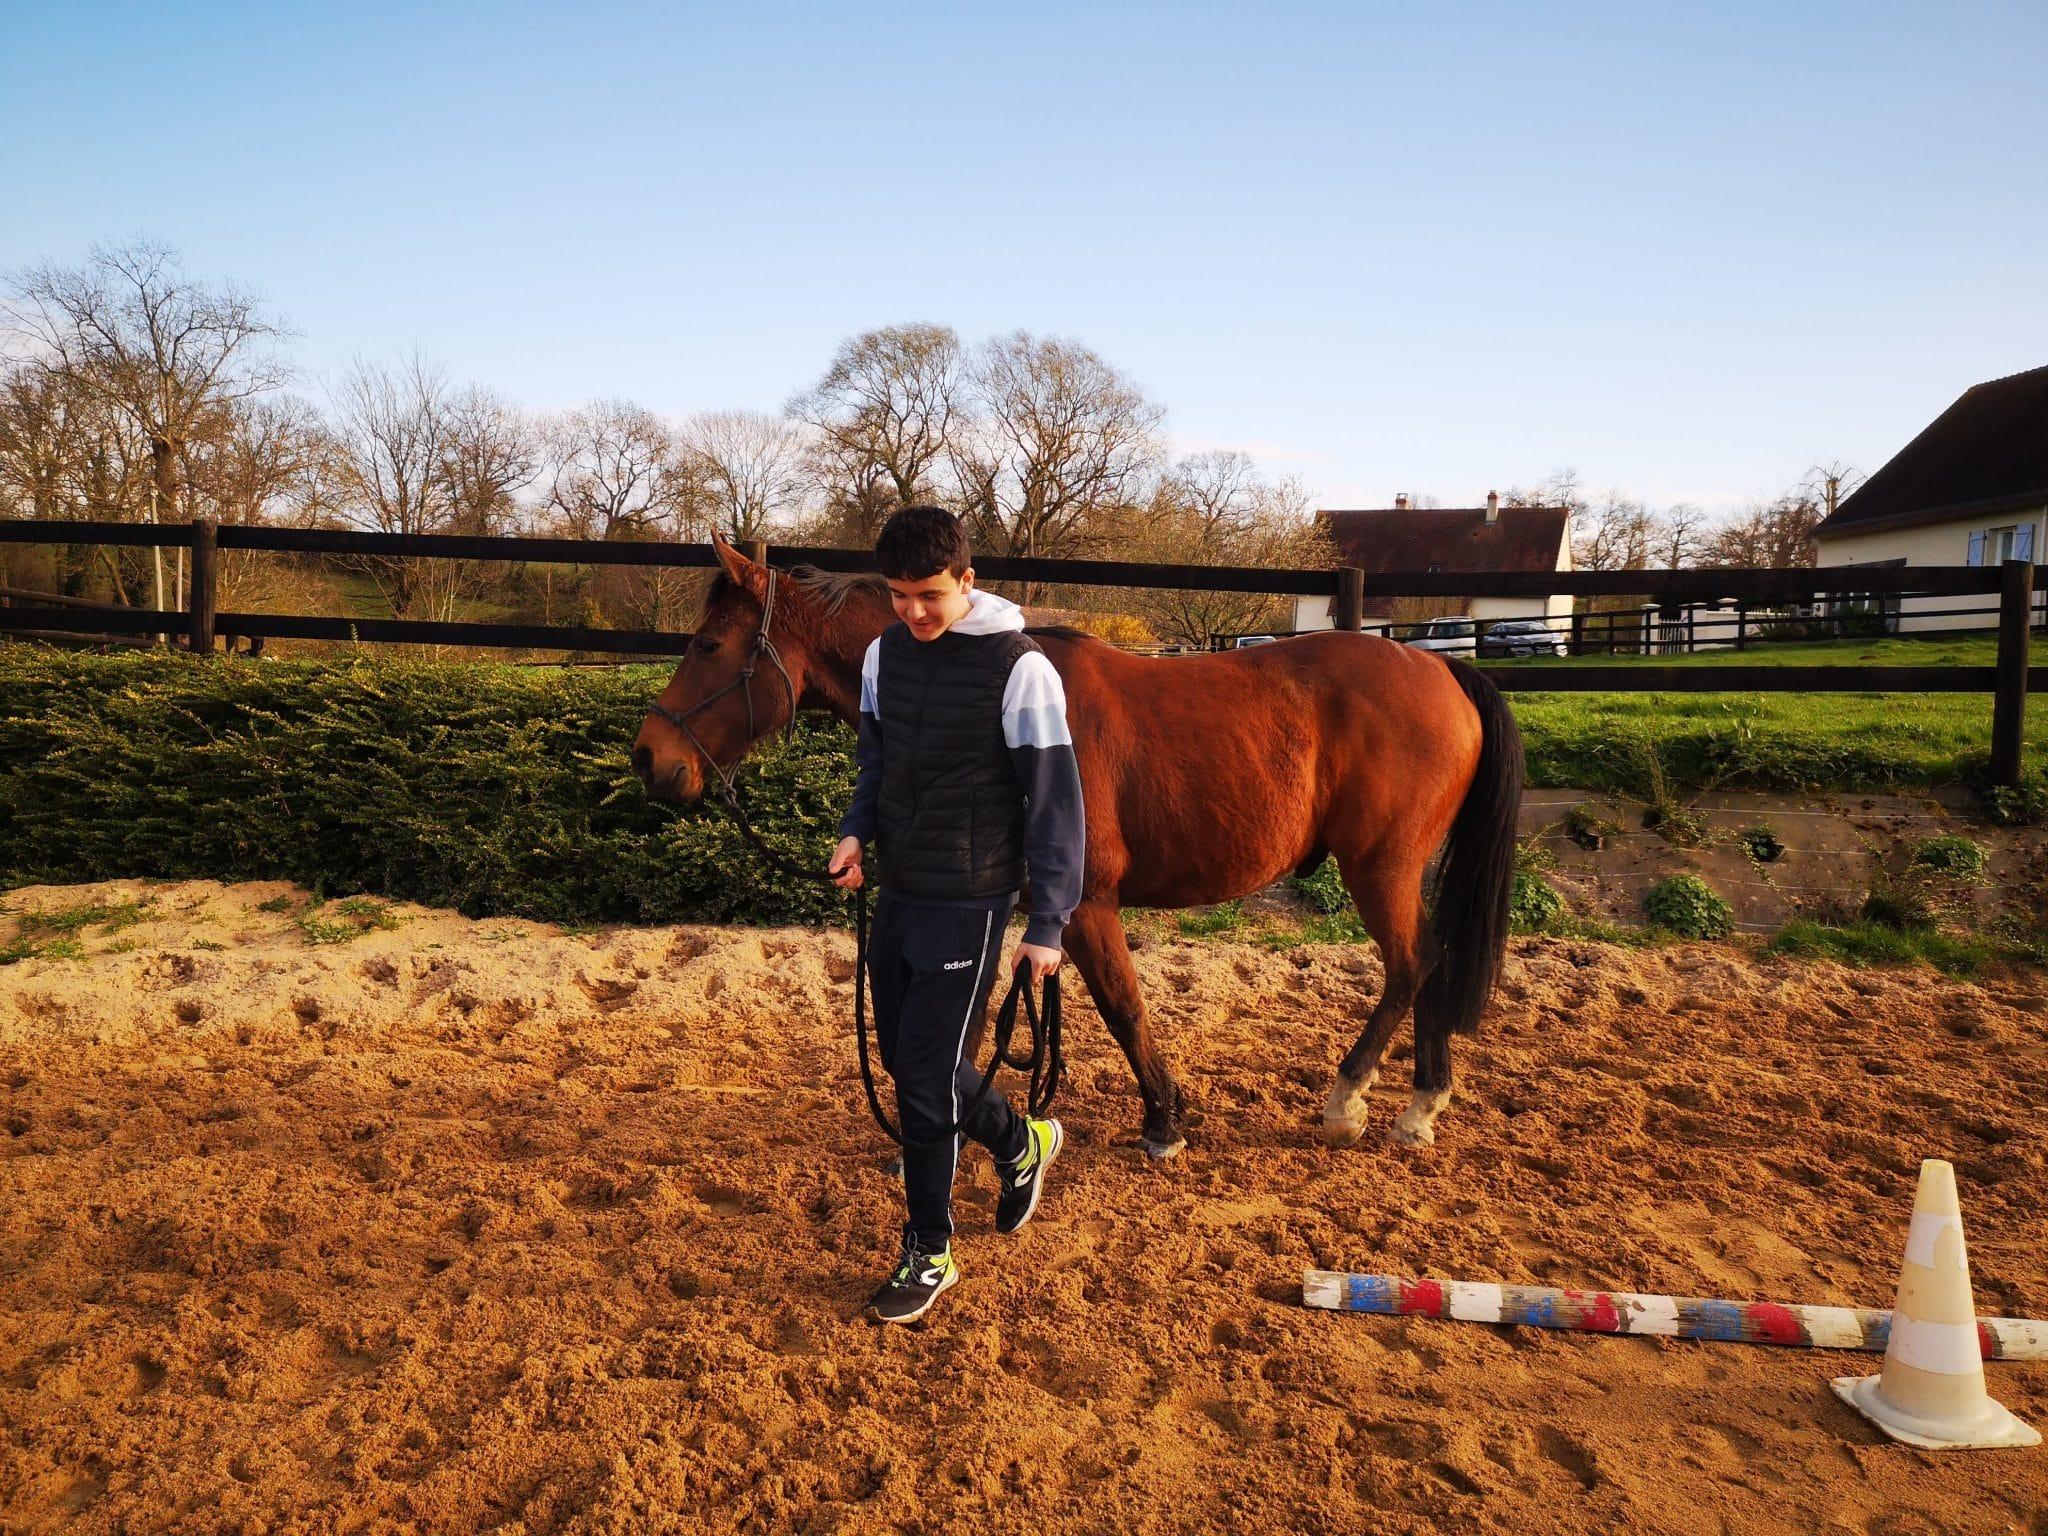 Le cheval agit comme un véritable miroir ; il se sert de son attitude corporelle pour exprimer son état d'esprit et manifeste immédiatement ses besoins et ses envies.